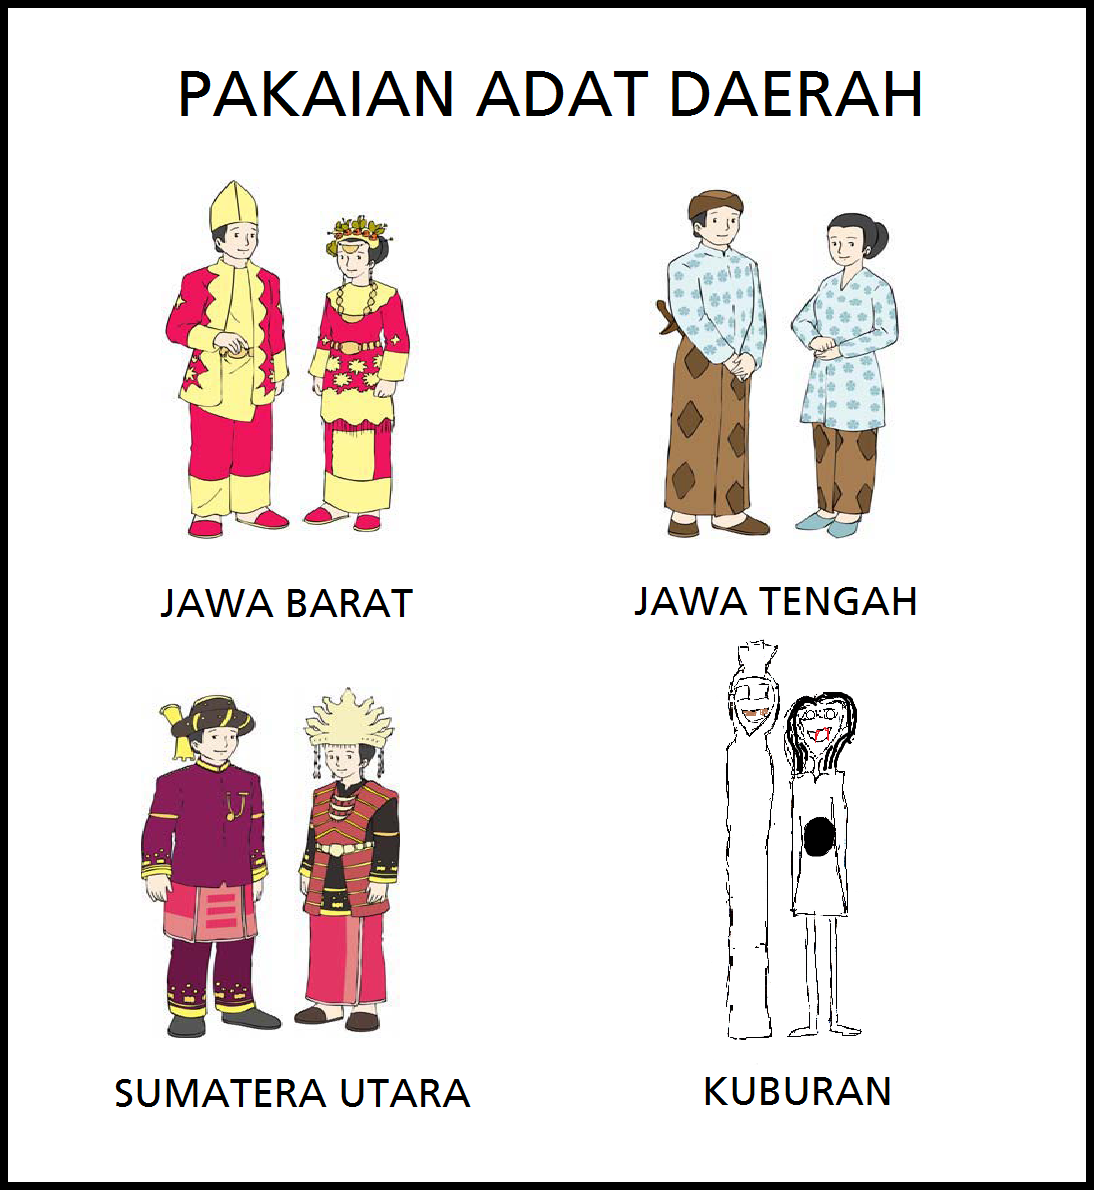 Rumah Adat Dan Pakaian Adat Jawa Tengah naufalkse budaya hajat story